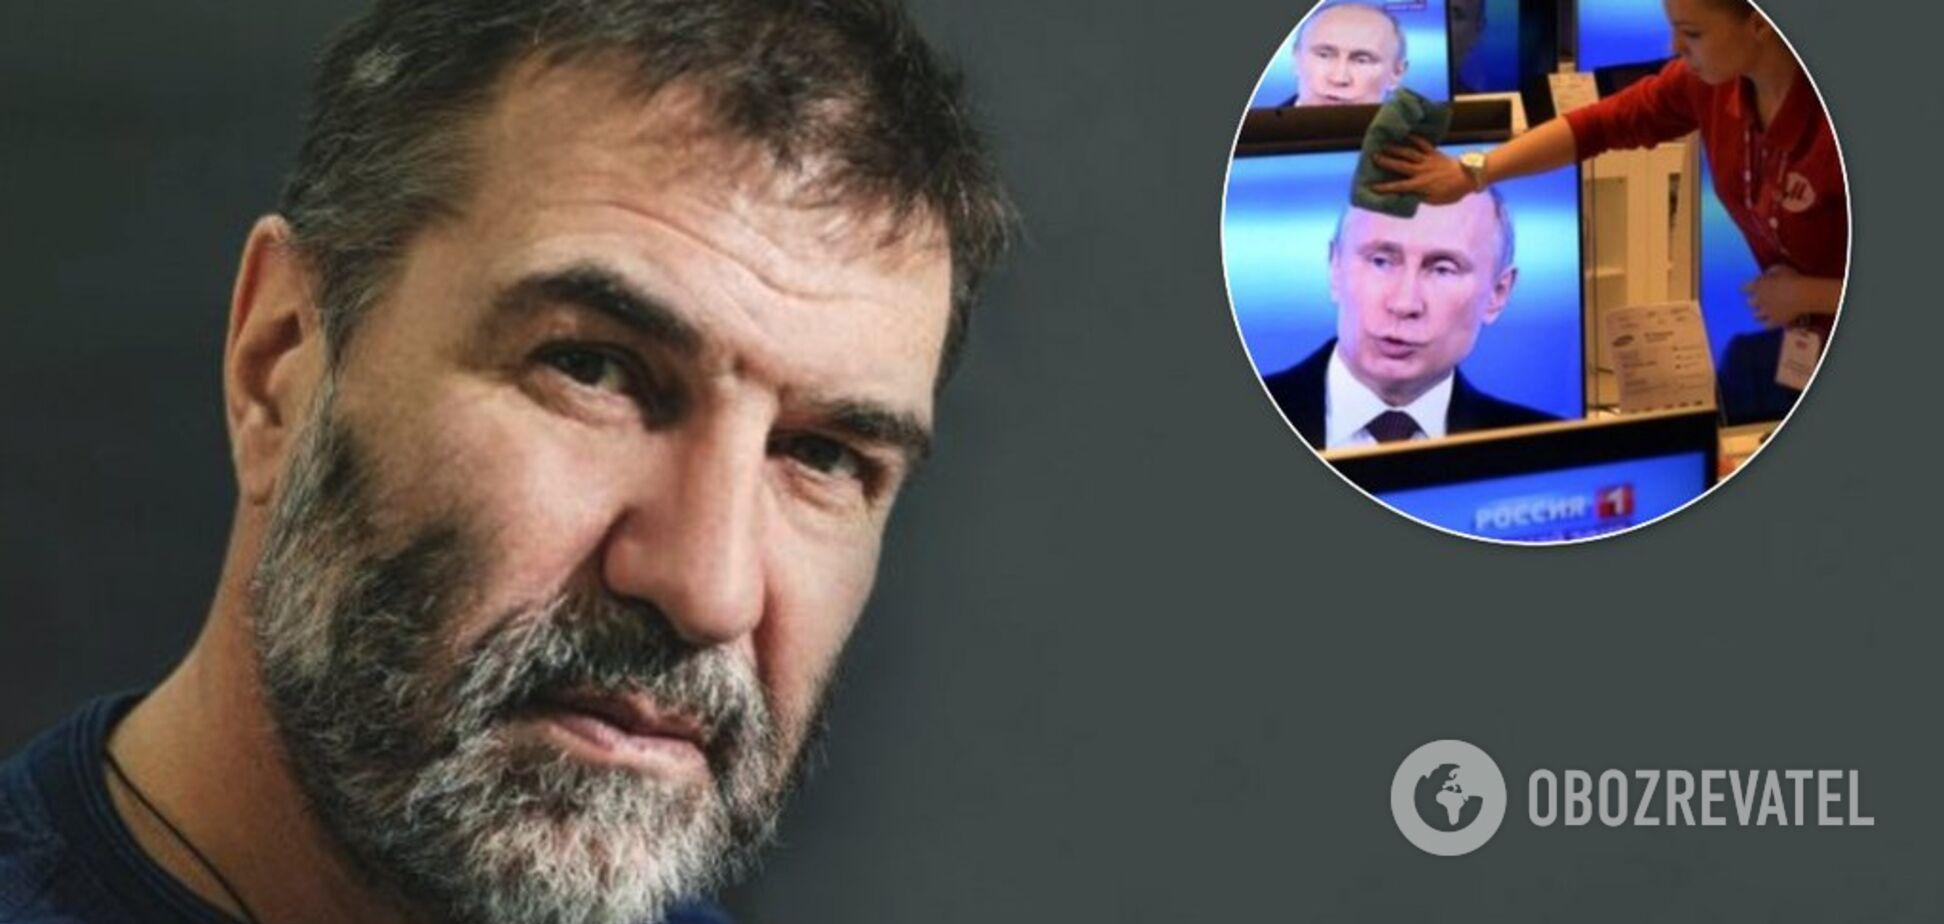 'Демони!' Євген Гришковець потужно пошпетив пропагандистів Росії через Україну